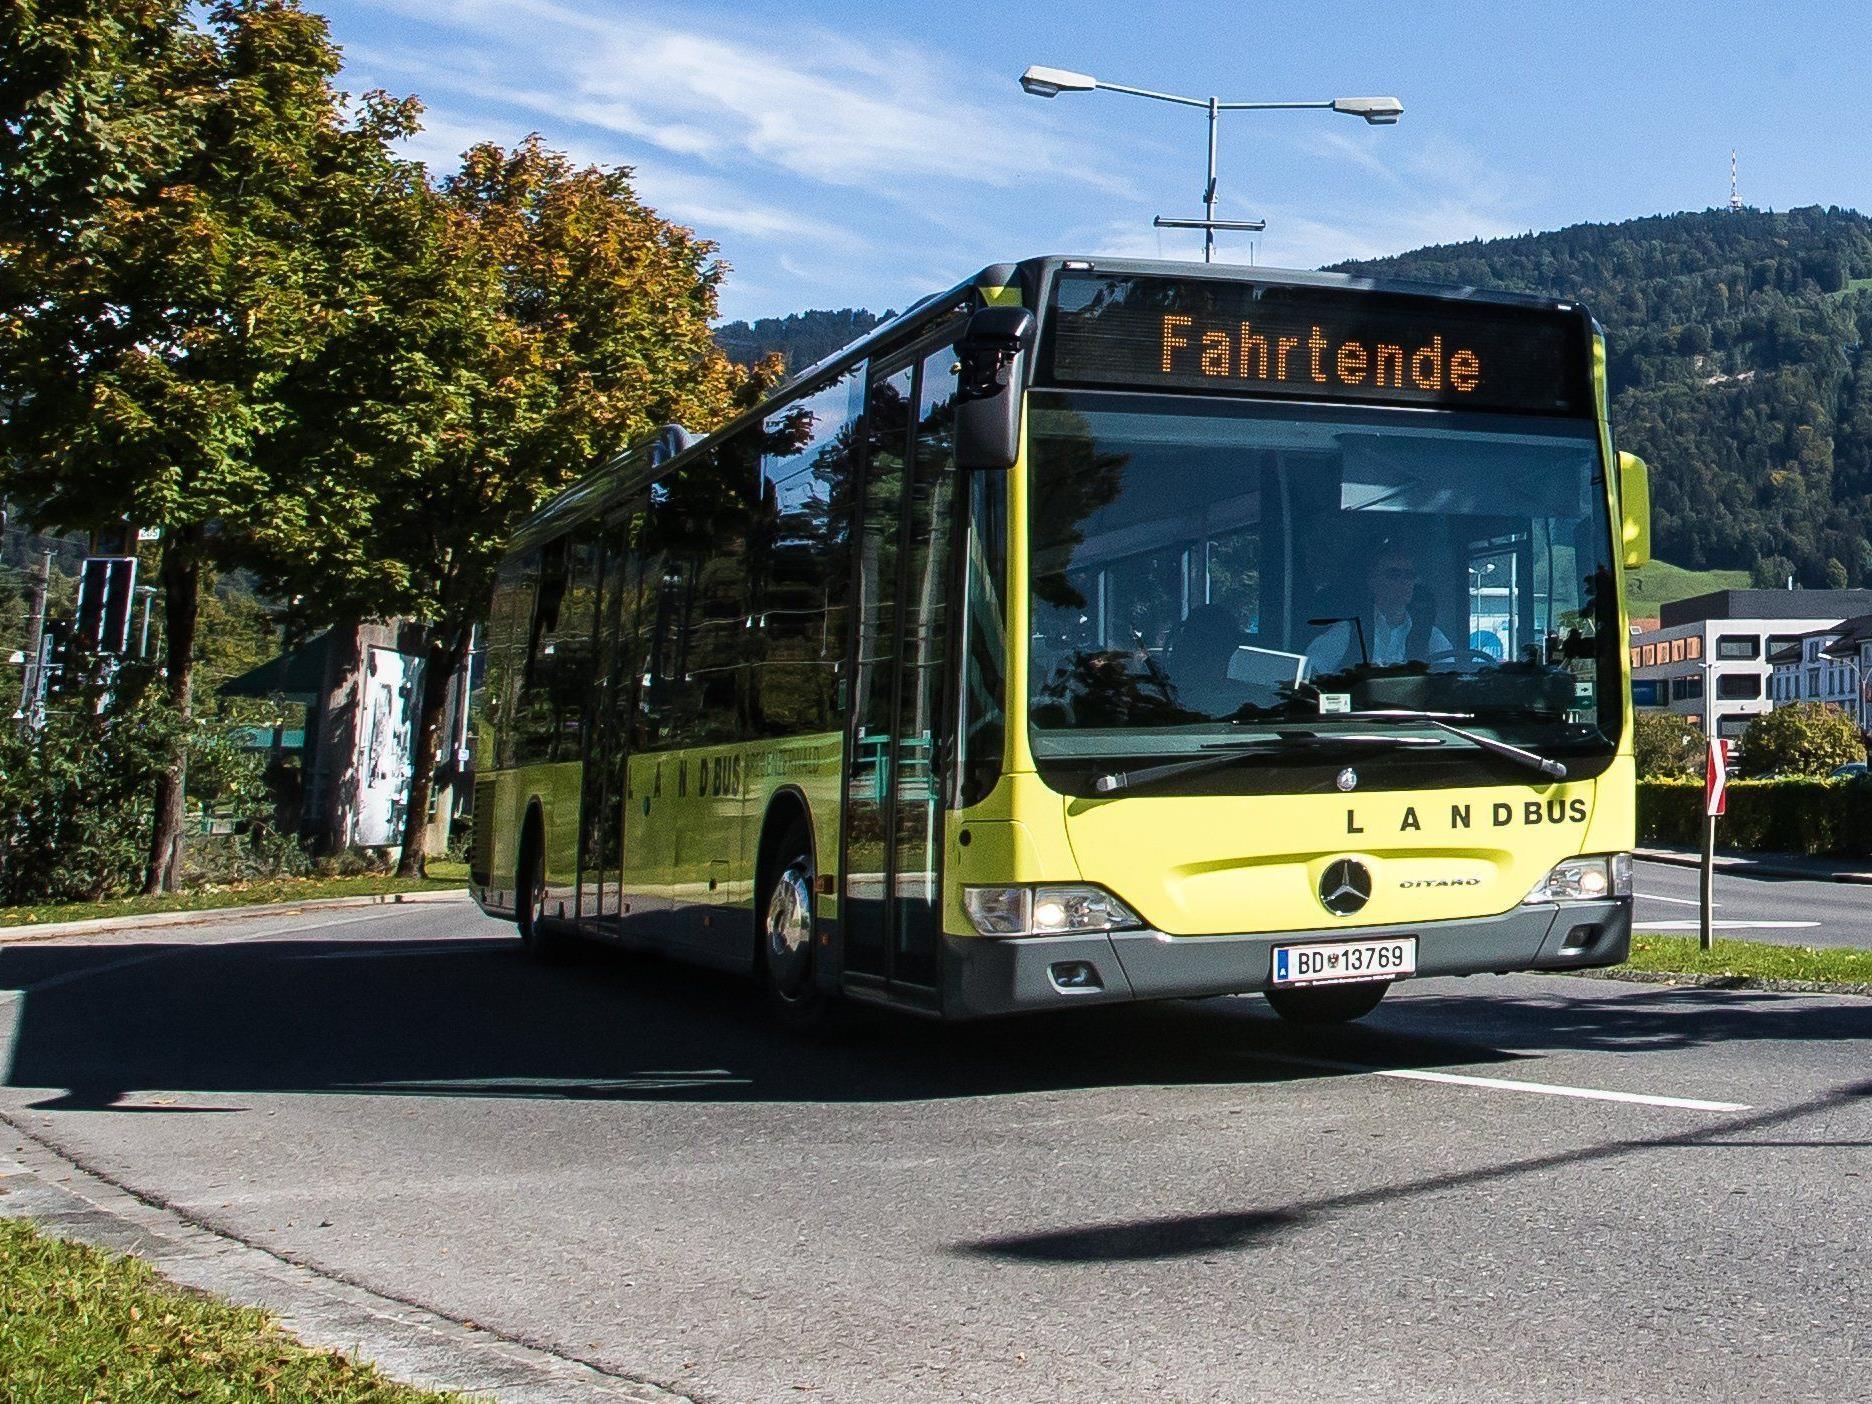 Zwischen Alberswende und Egg fuhr ein Pkw einem auf offener Strecke haltenden Linienbus auf.